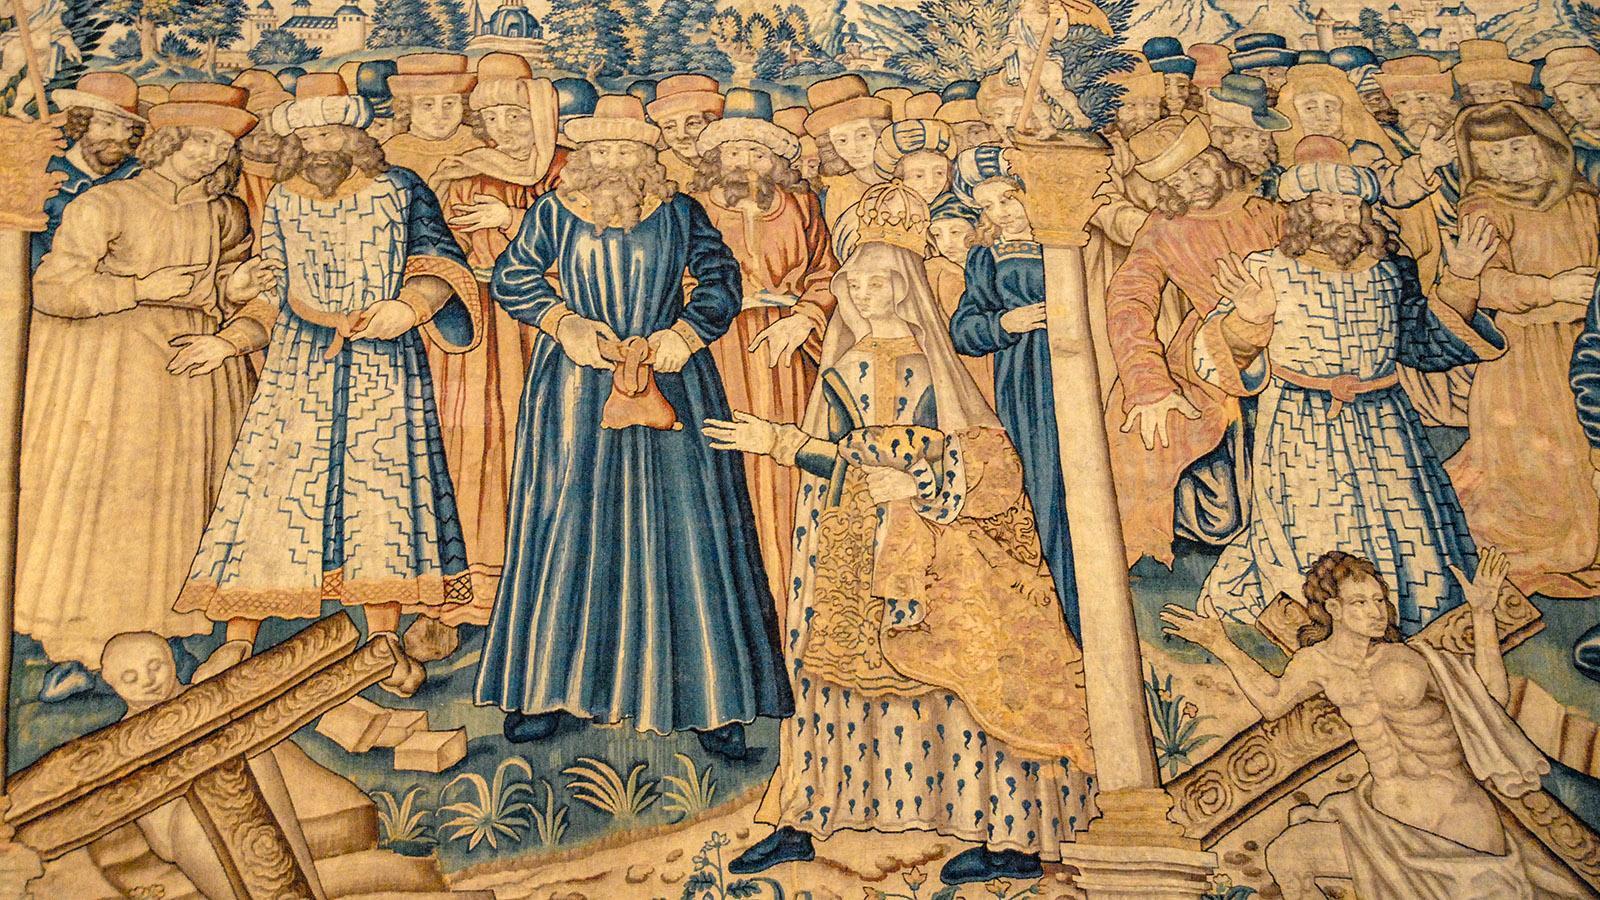 Wandteppiche schmücken die Cathédrale Saint-Maurice. Foto: Hilke Maunder